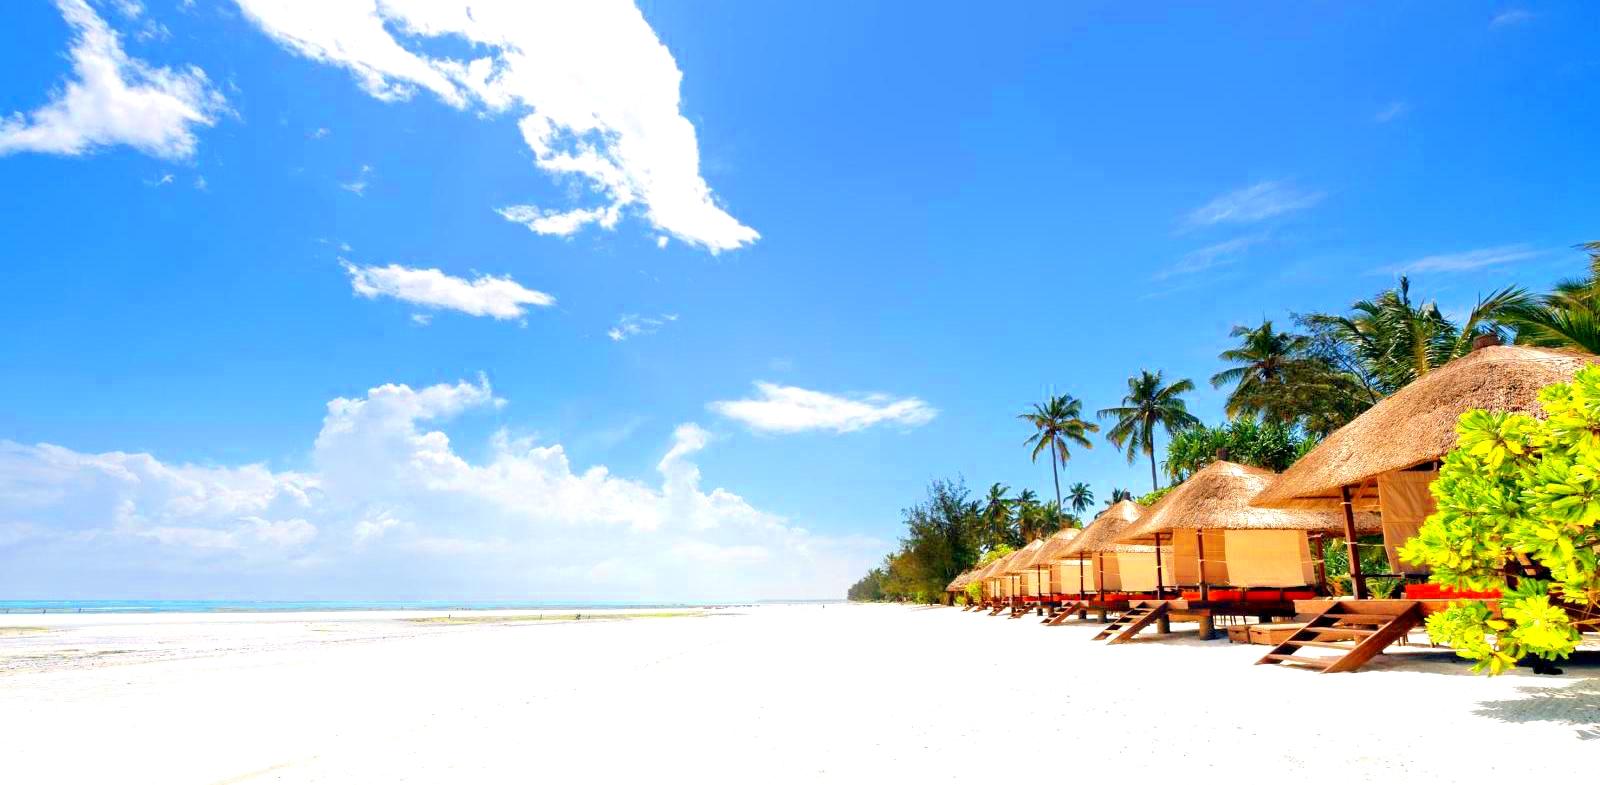 Melia Resort Zanzibar-Gabi Beach